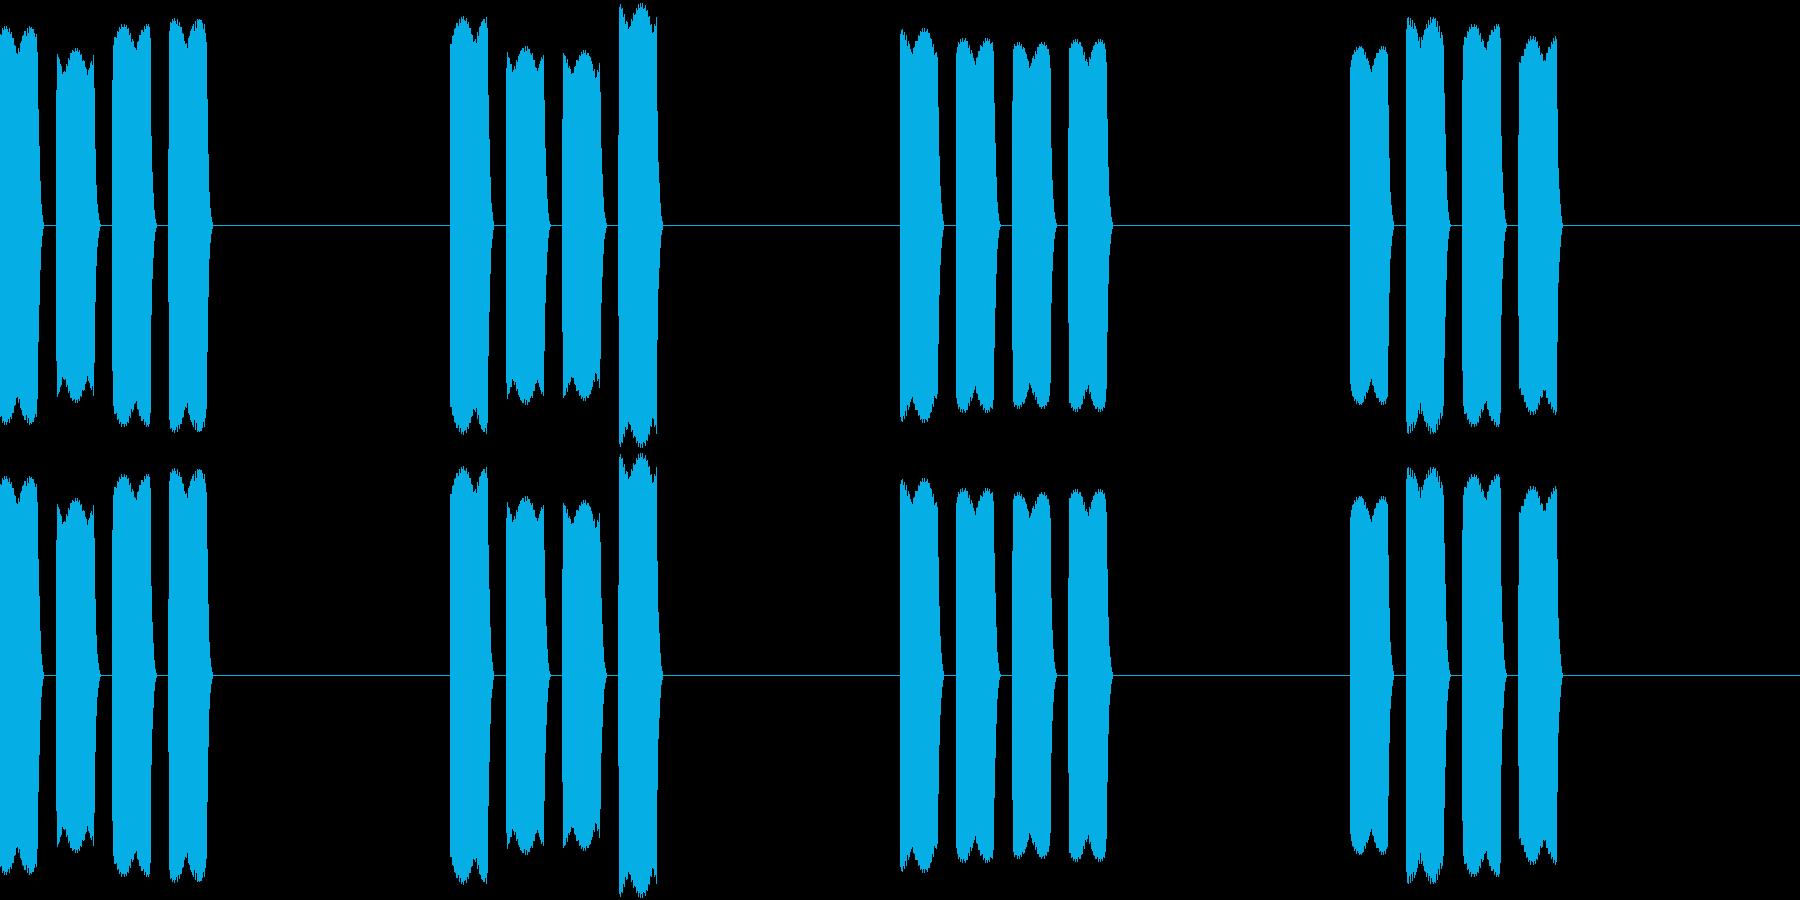 Thermo 体温計の音 ピピピピッ 3の再生済みの波形